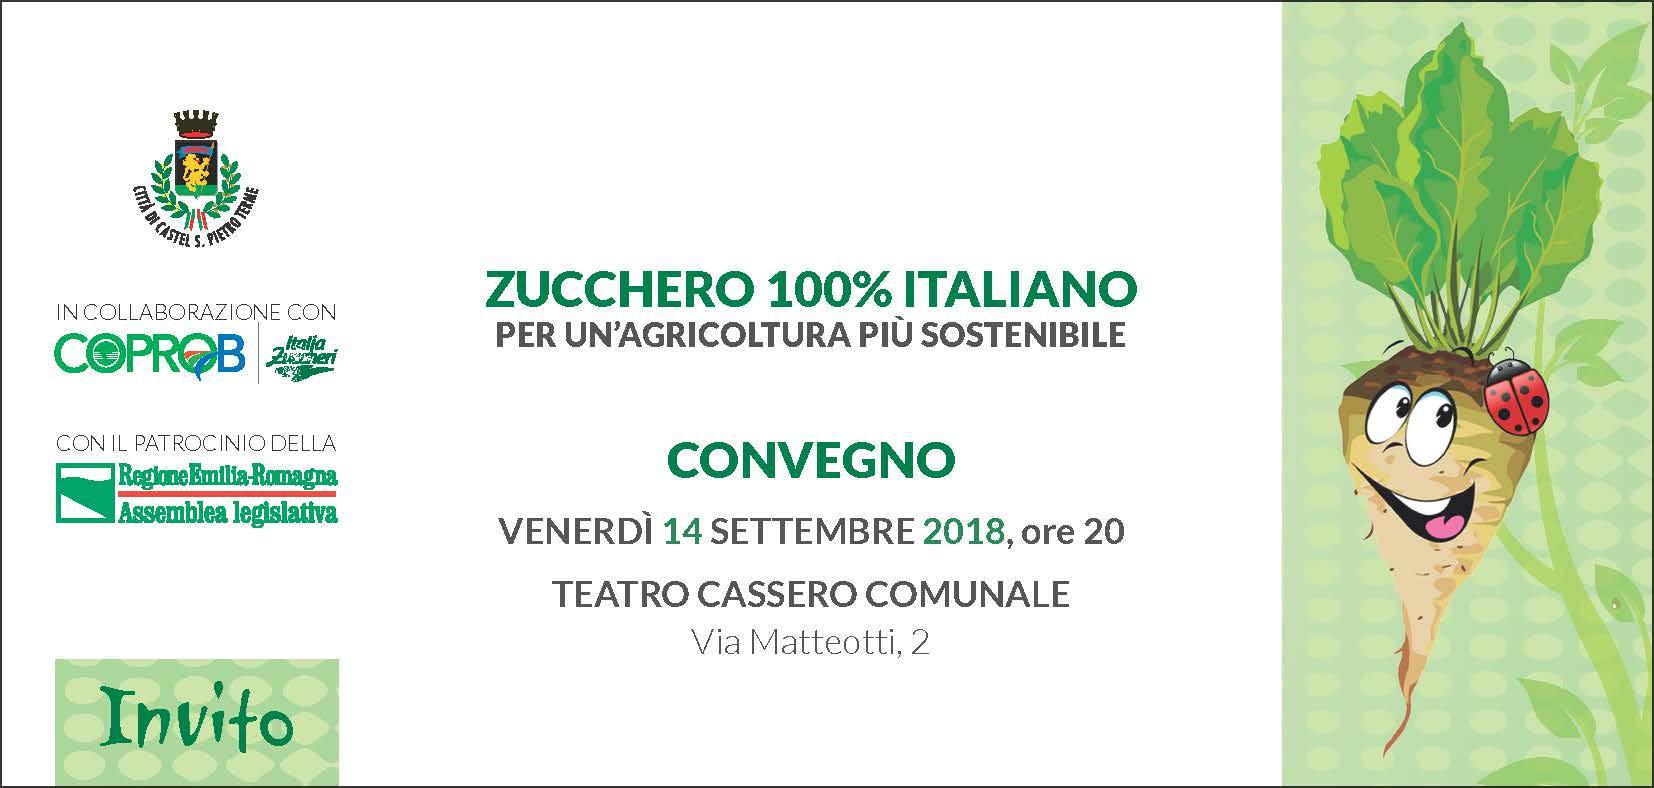 Zucchero 100% italiano per un'agricoltura più sostenibile